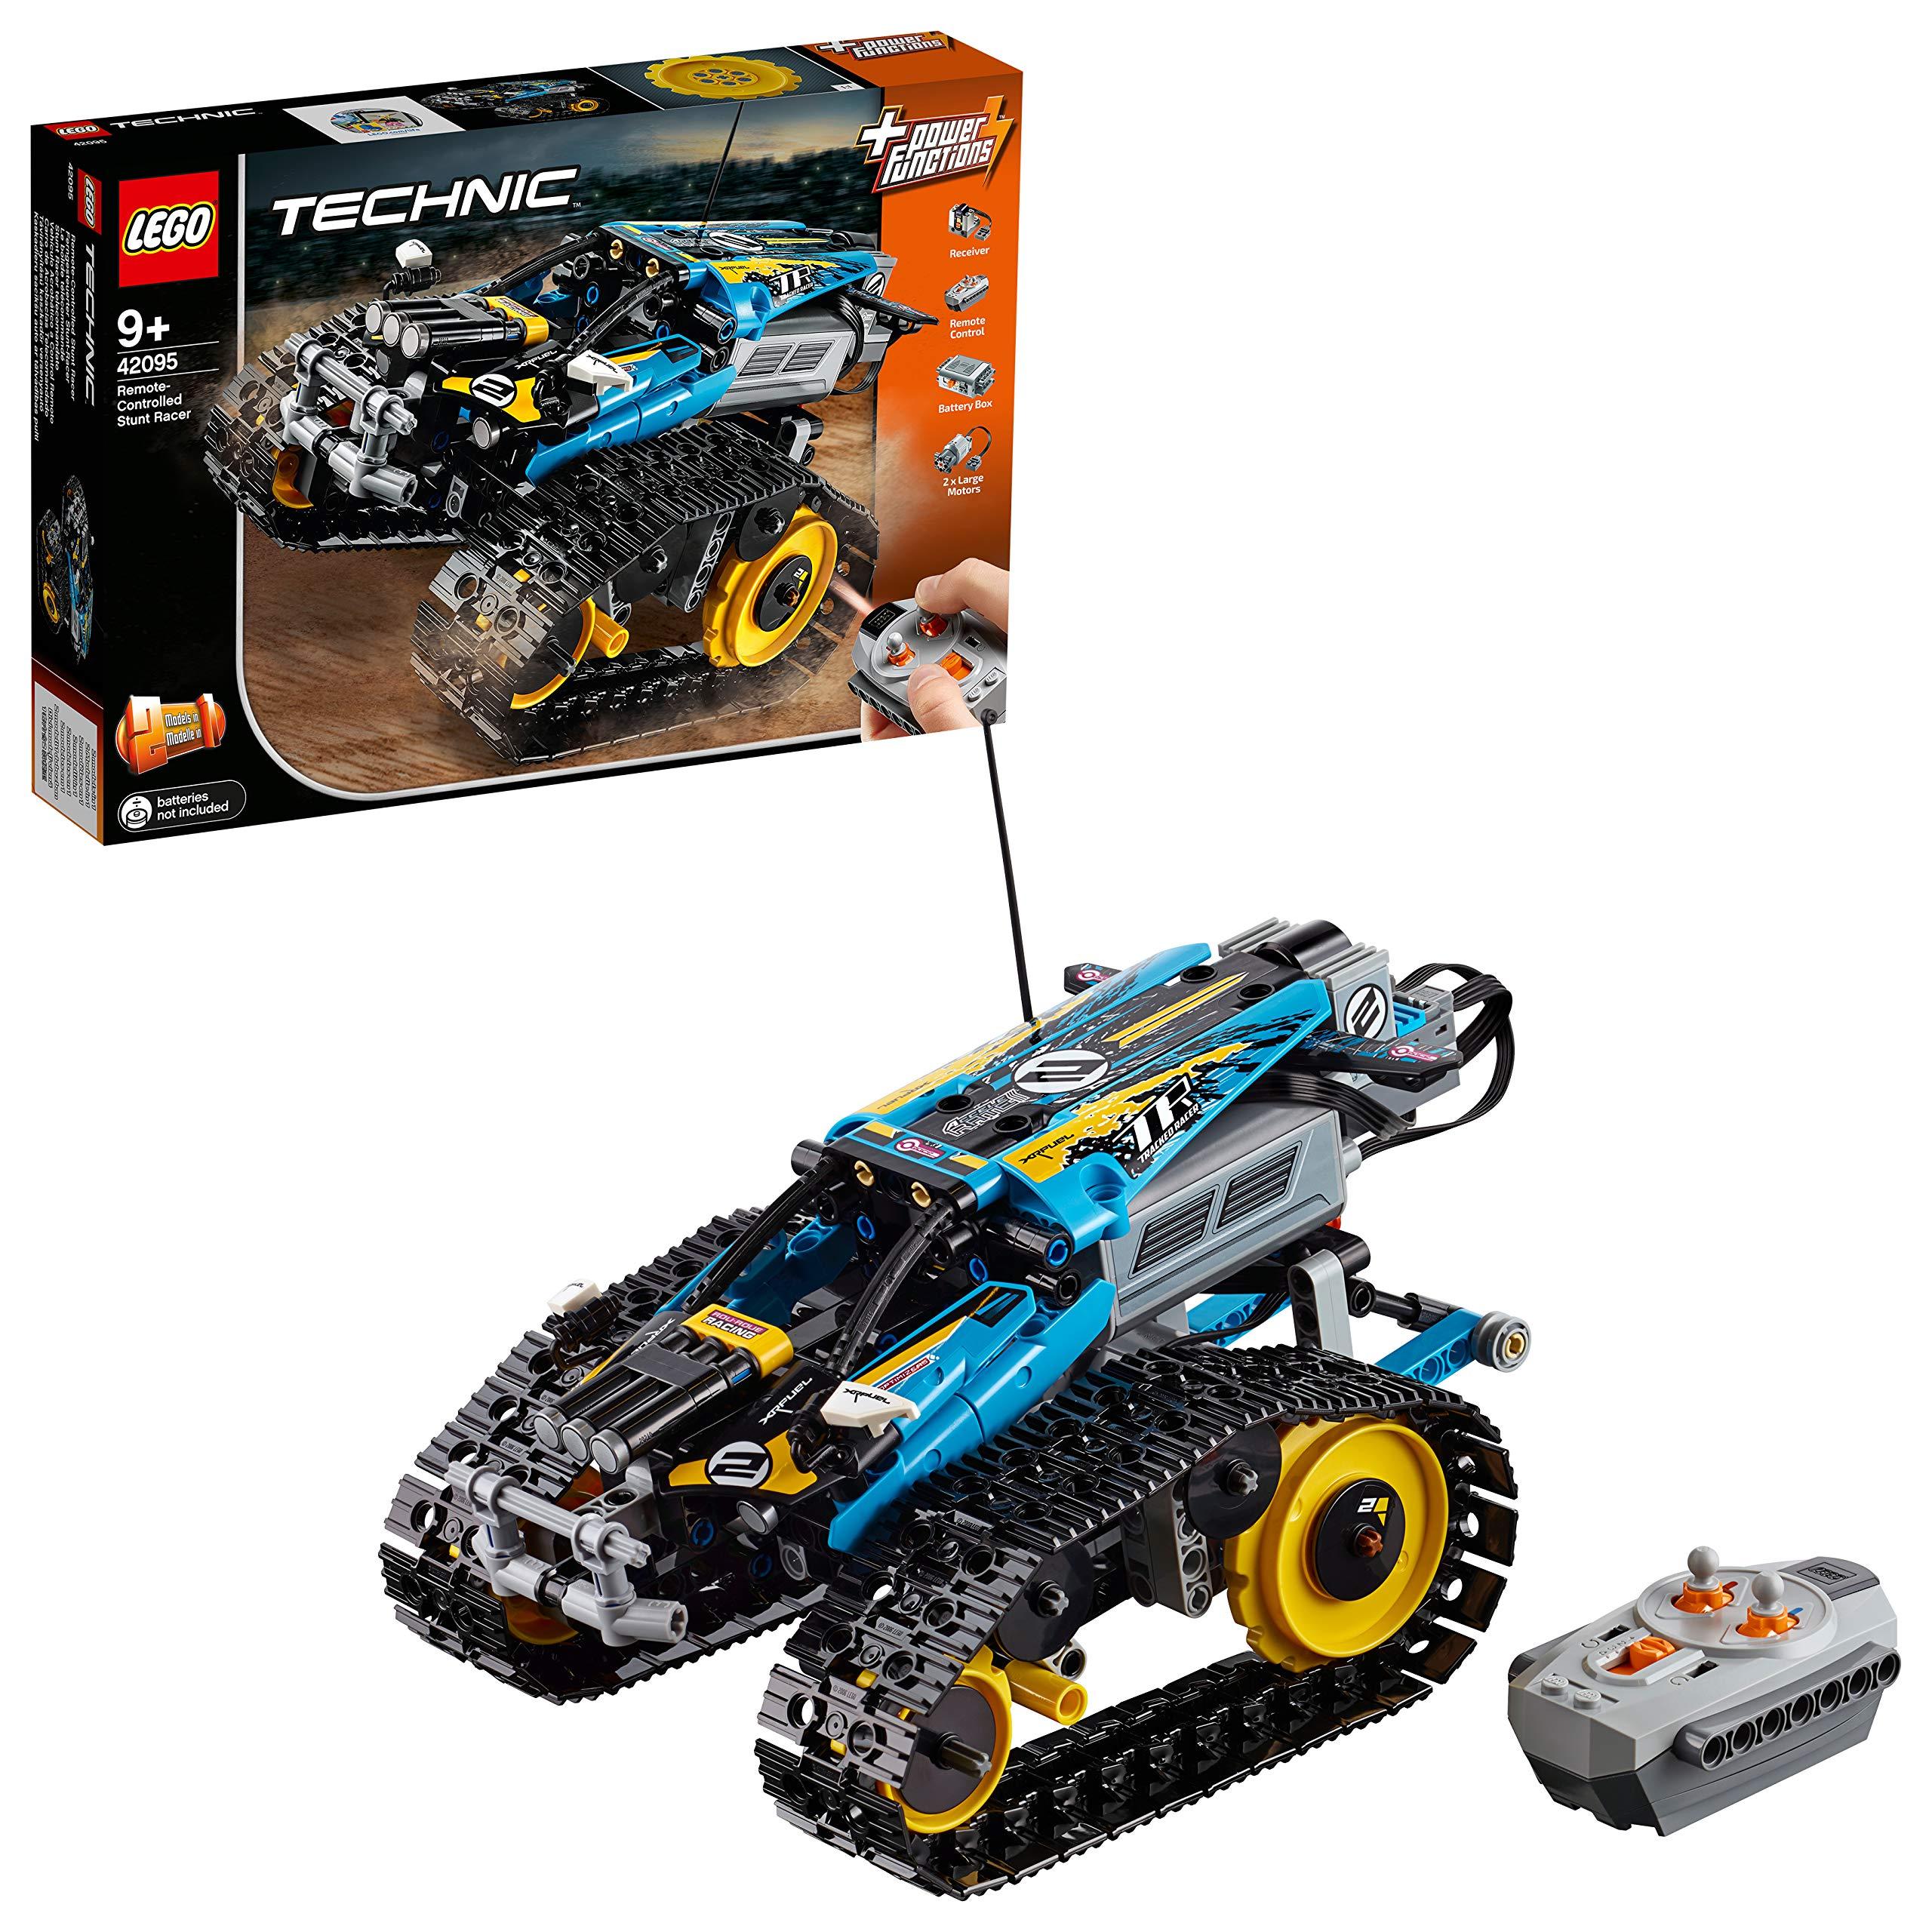 LEGO Technic – Vehículo Acrobático a Control Remoto, Coche Teledirigido de Juguete, Set de Construcción 2 en 1, Funciona…